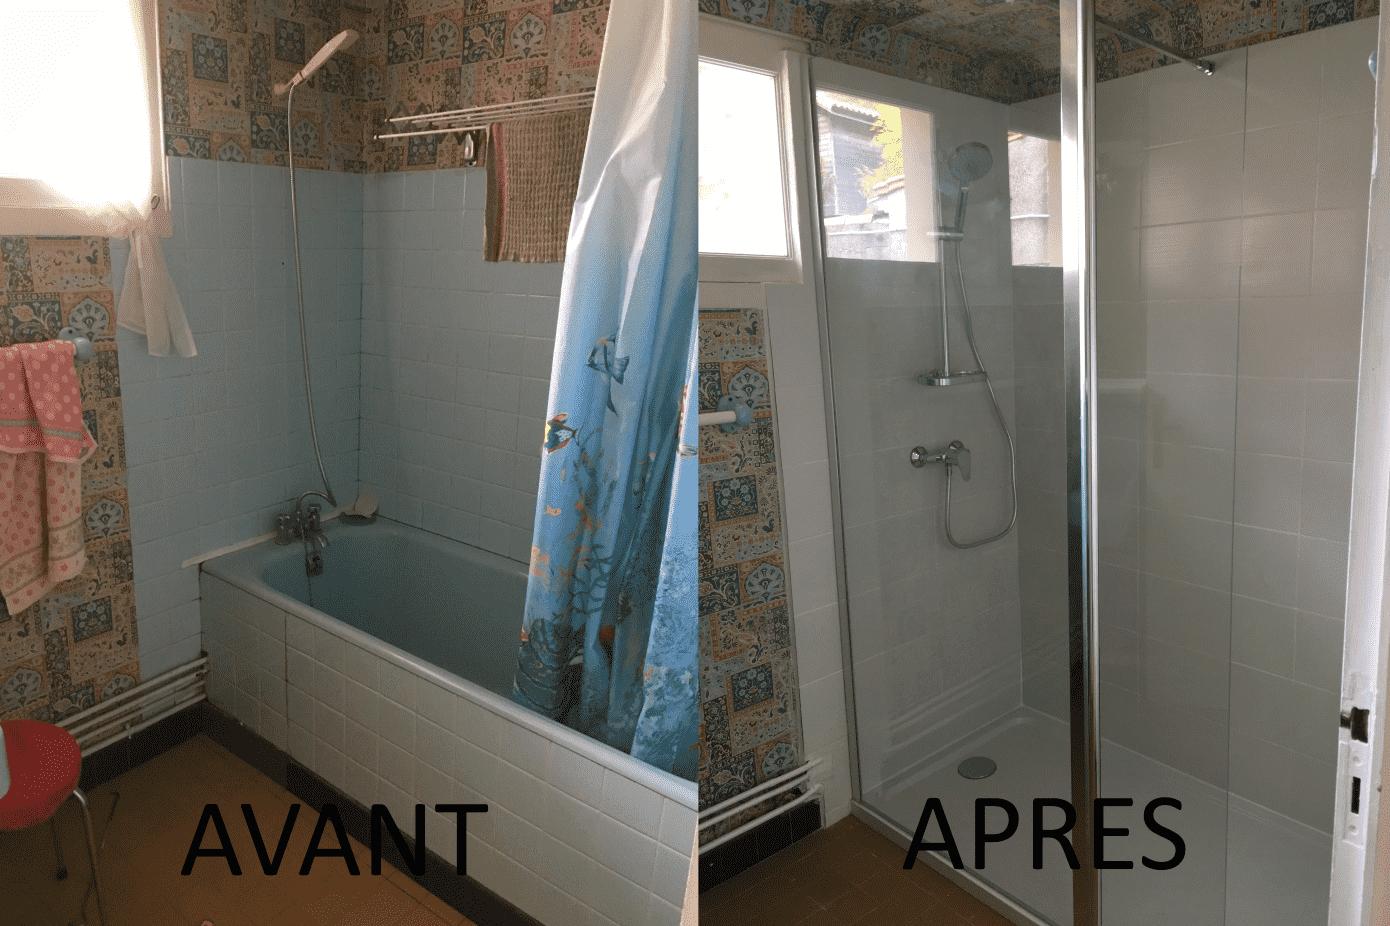 lavabo, meuble salle de bains, robinetterie, rénovation, salle de bains